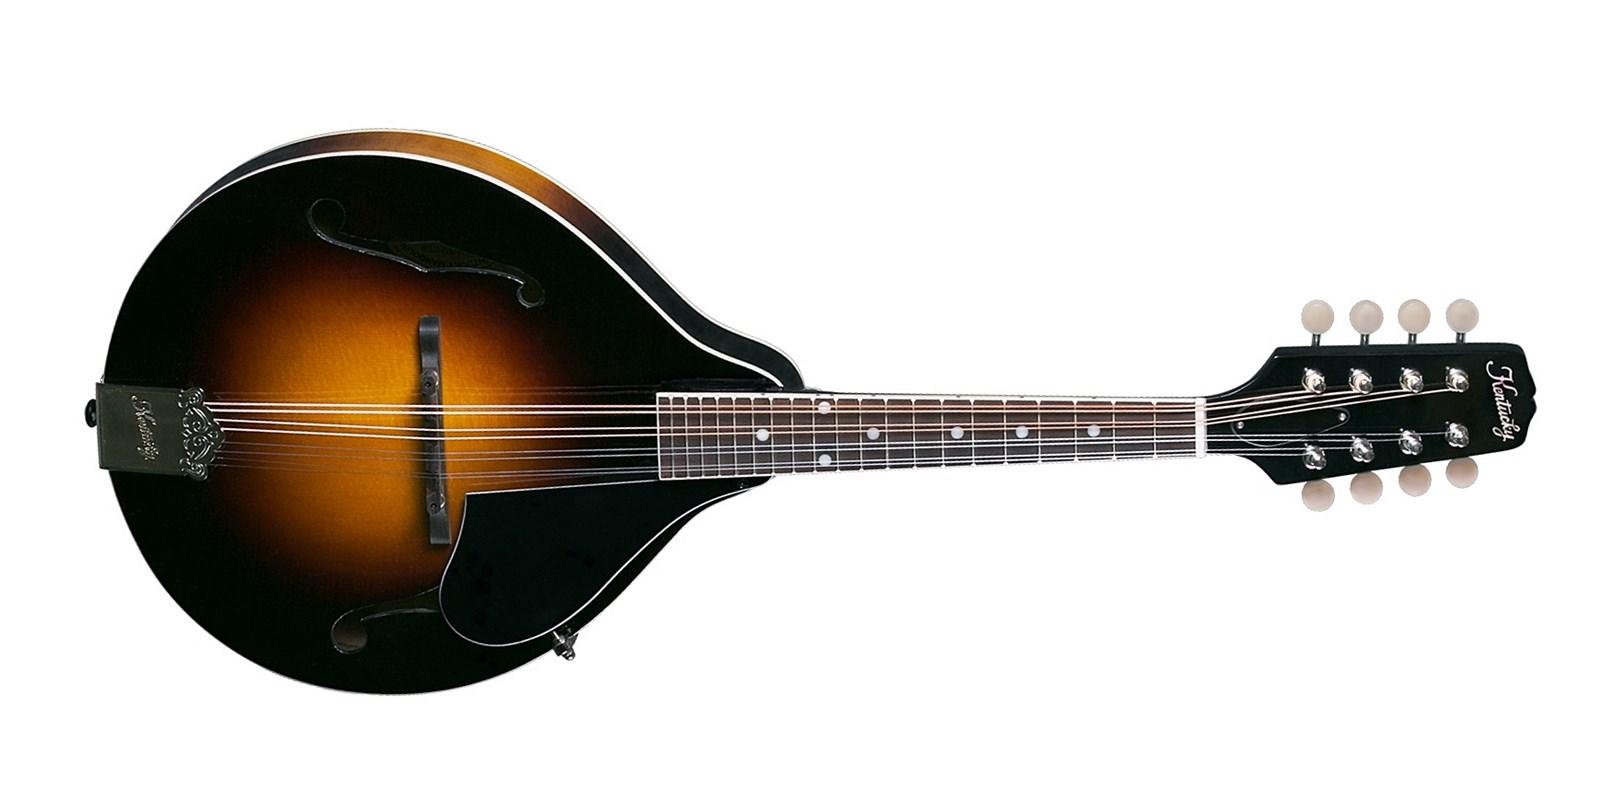 Kentucky KM-150